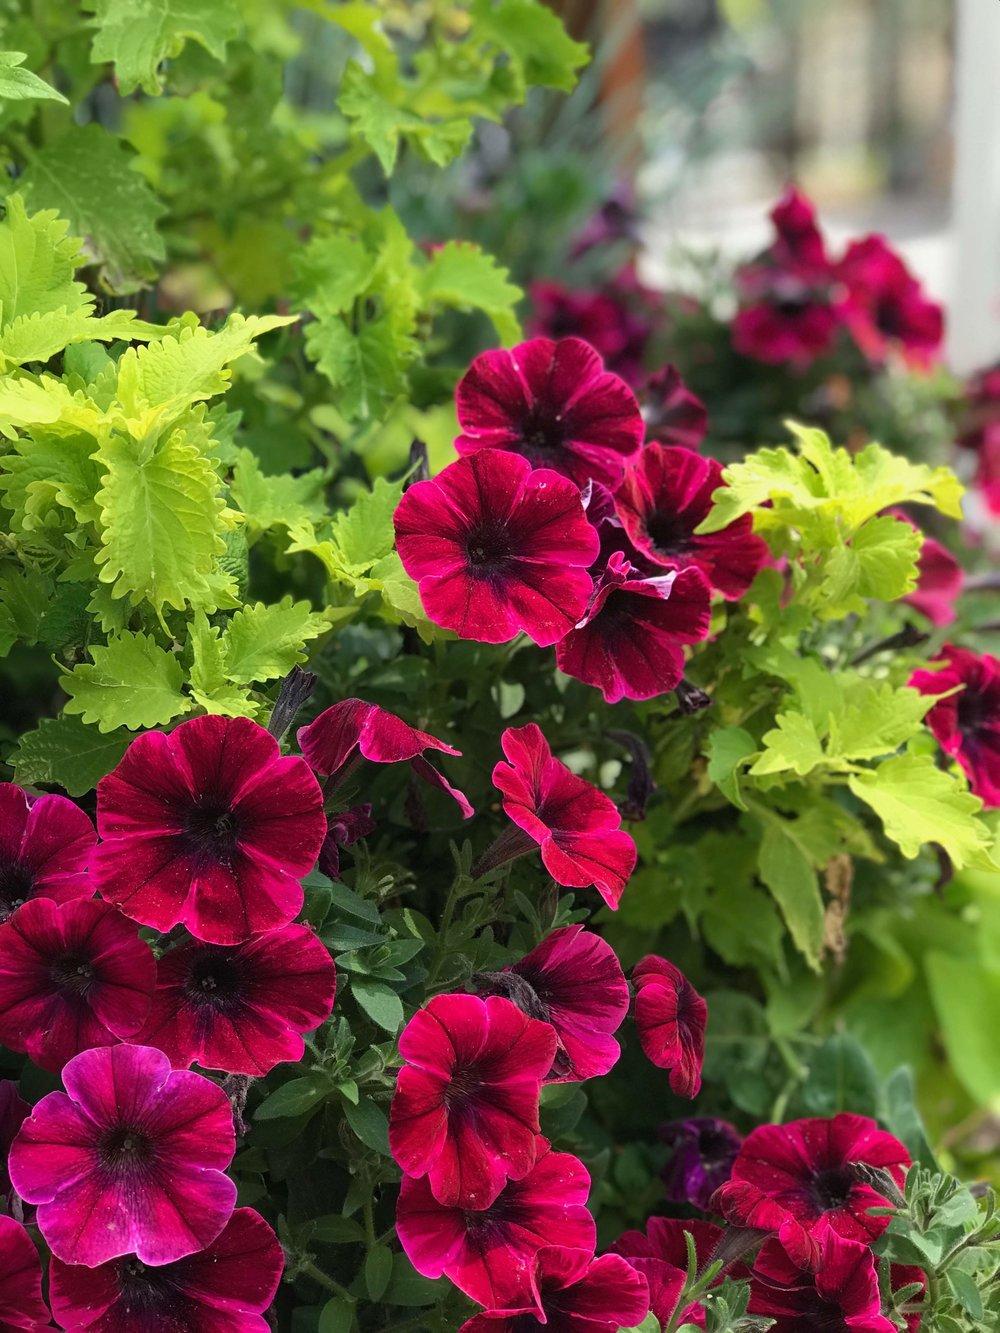 Petunia and coleus combination